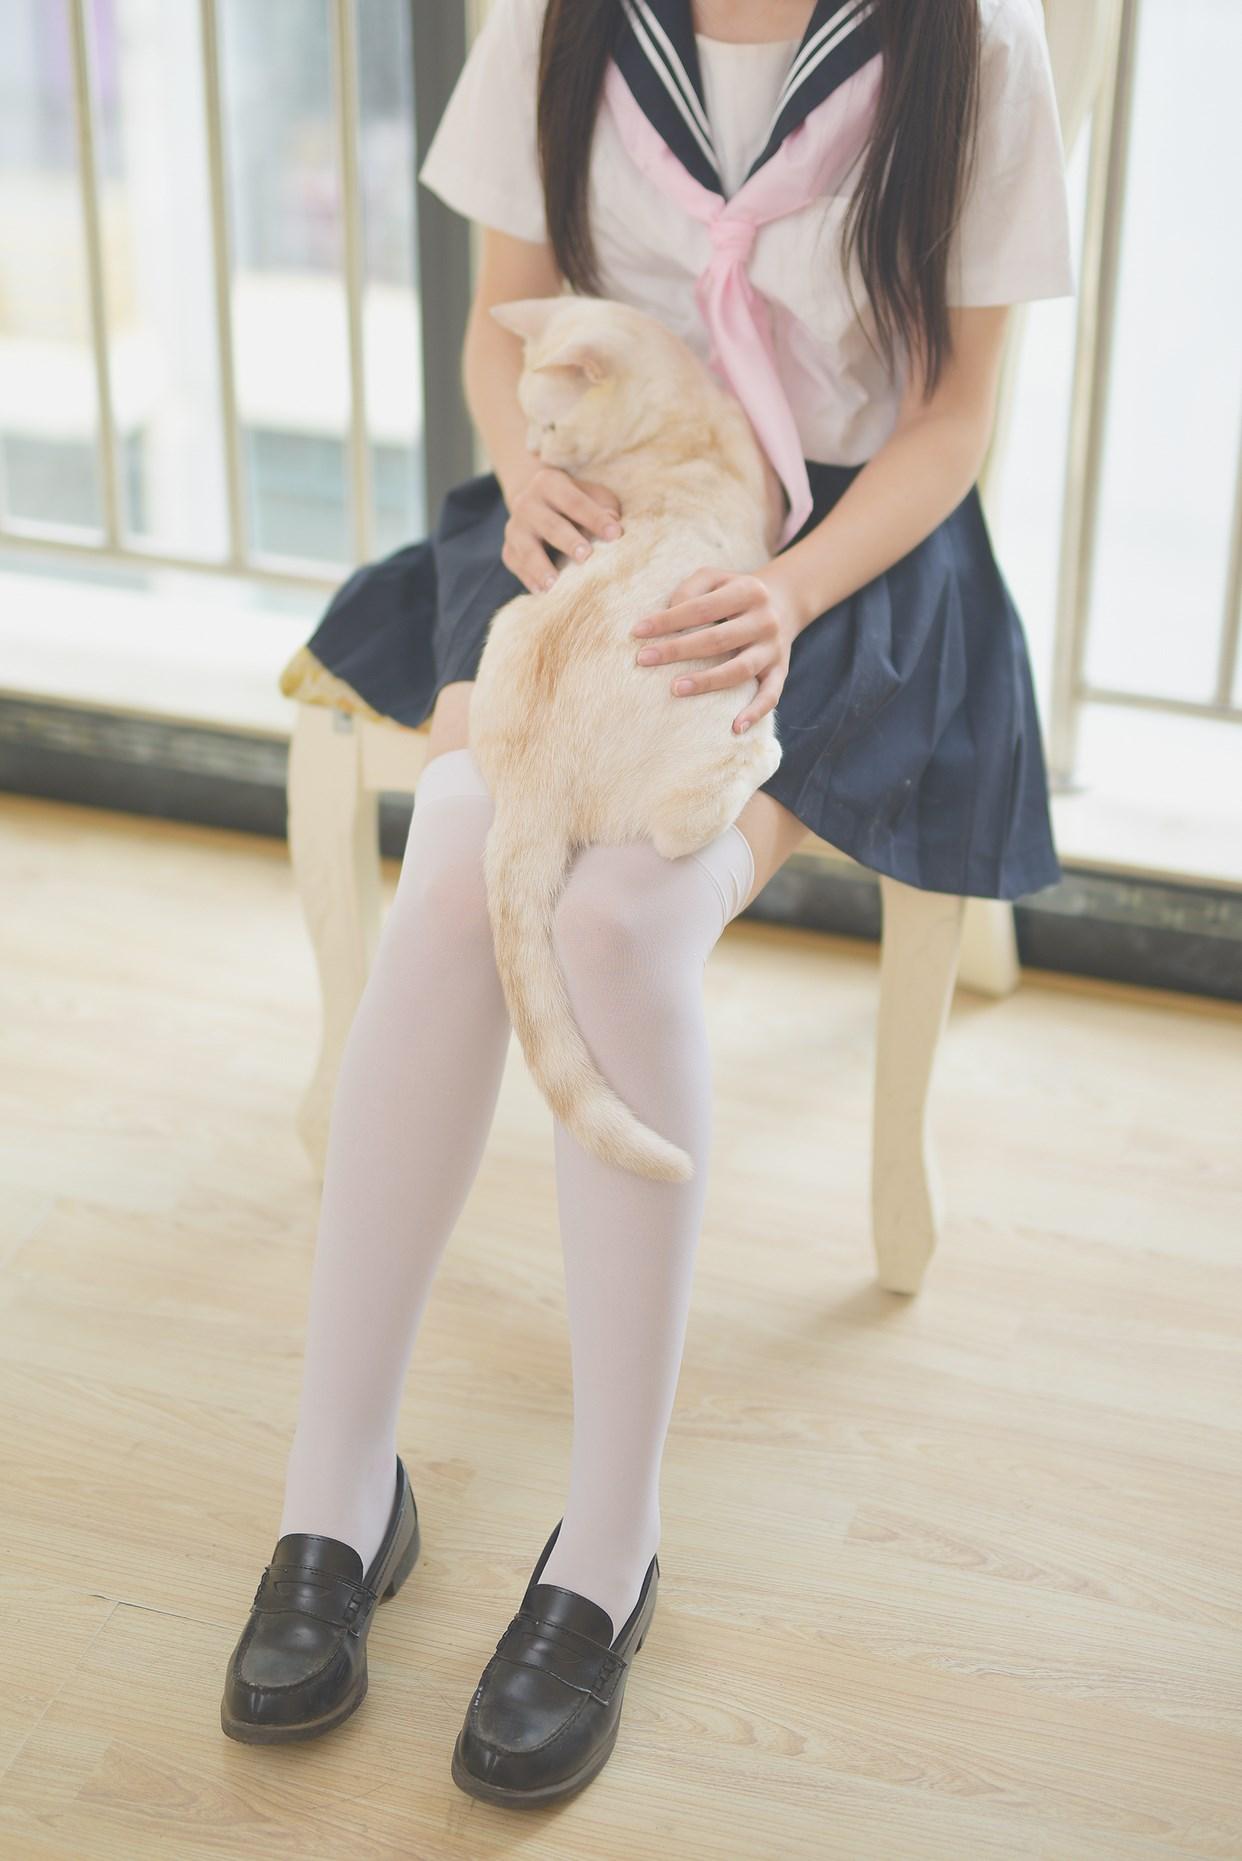 【兔玩映画】水手服的喵喵酱 兔玩映画 第43张